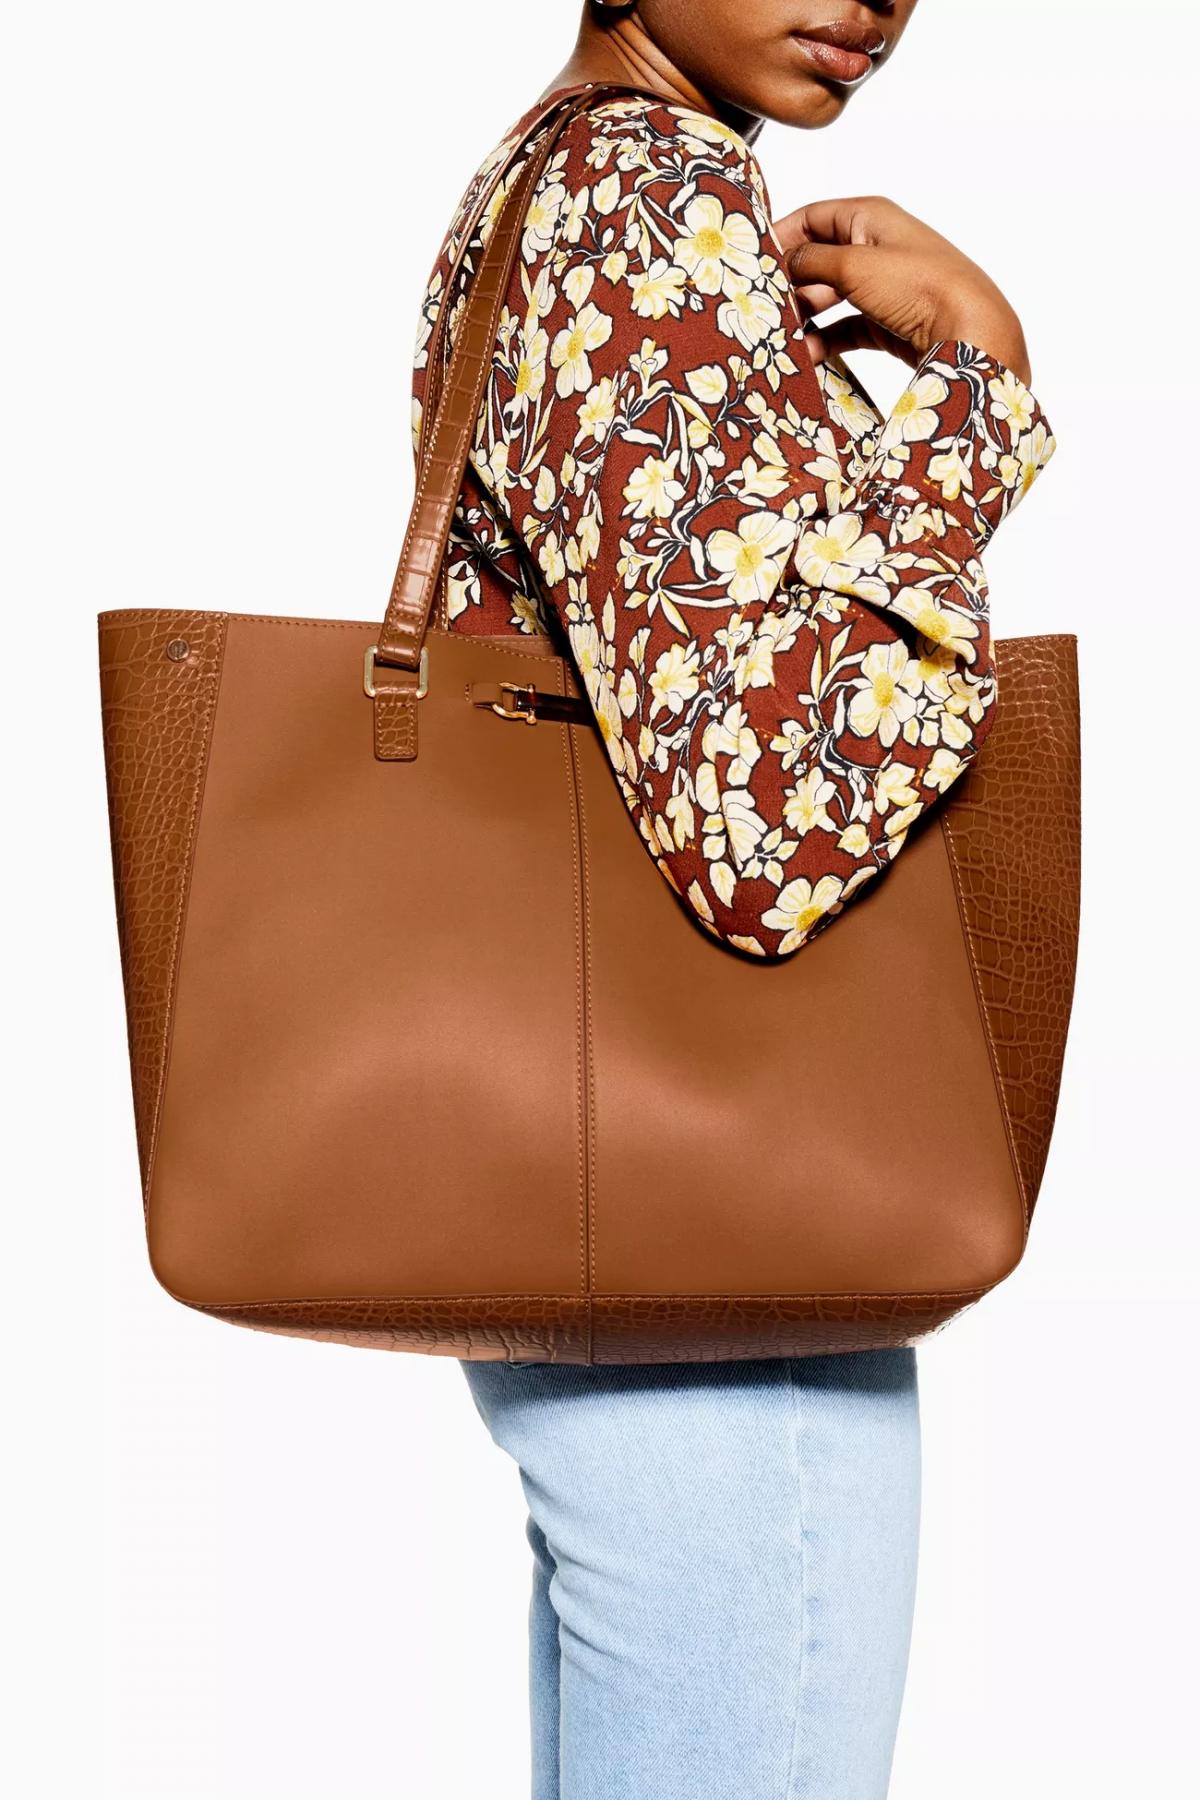 Topshop Mace Tote Bag, Vegan Leather Bags